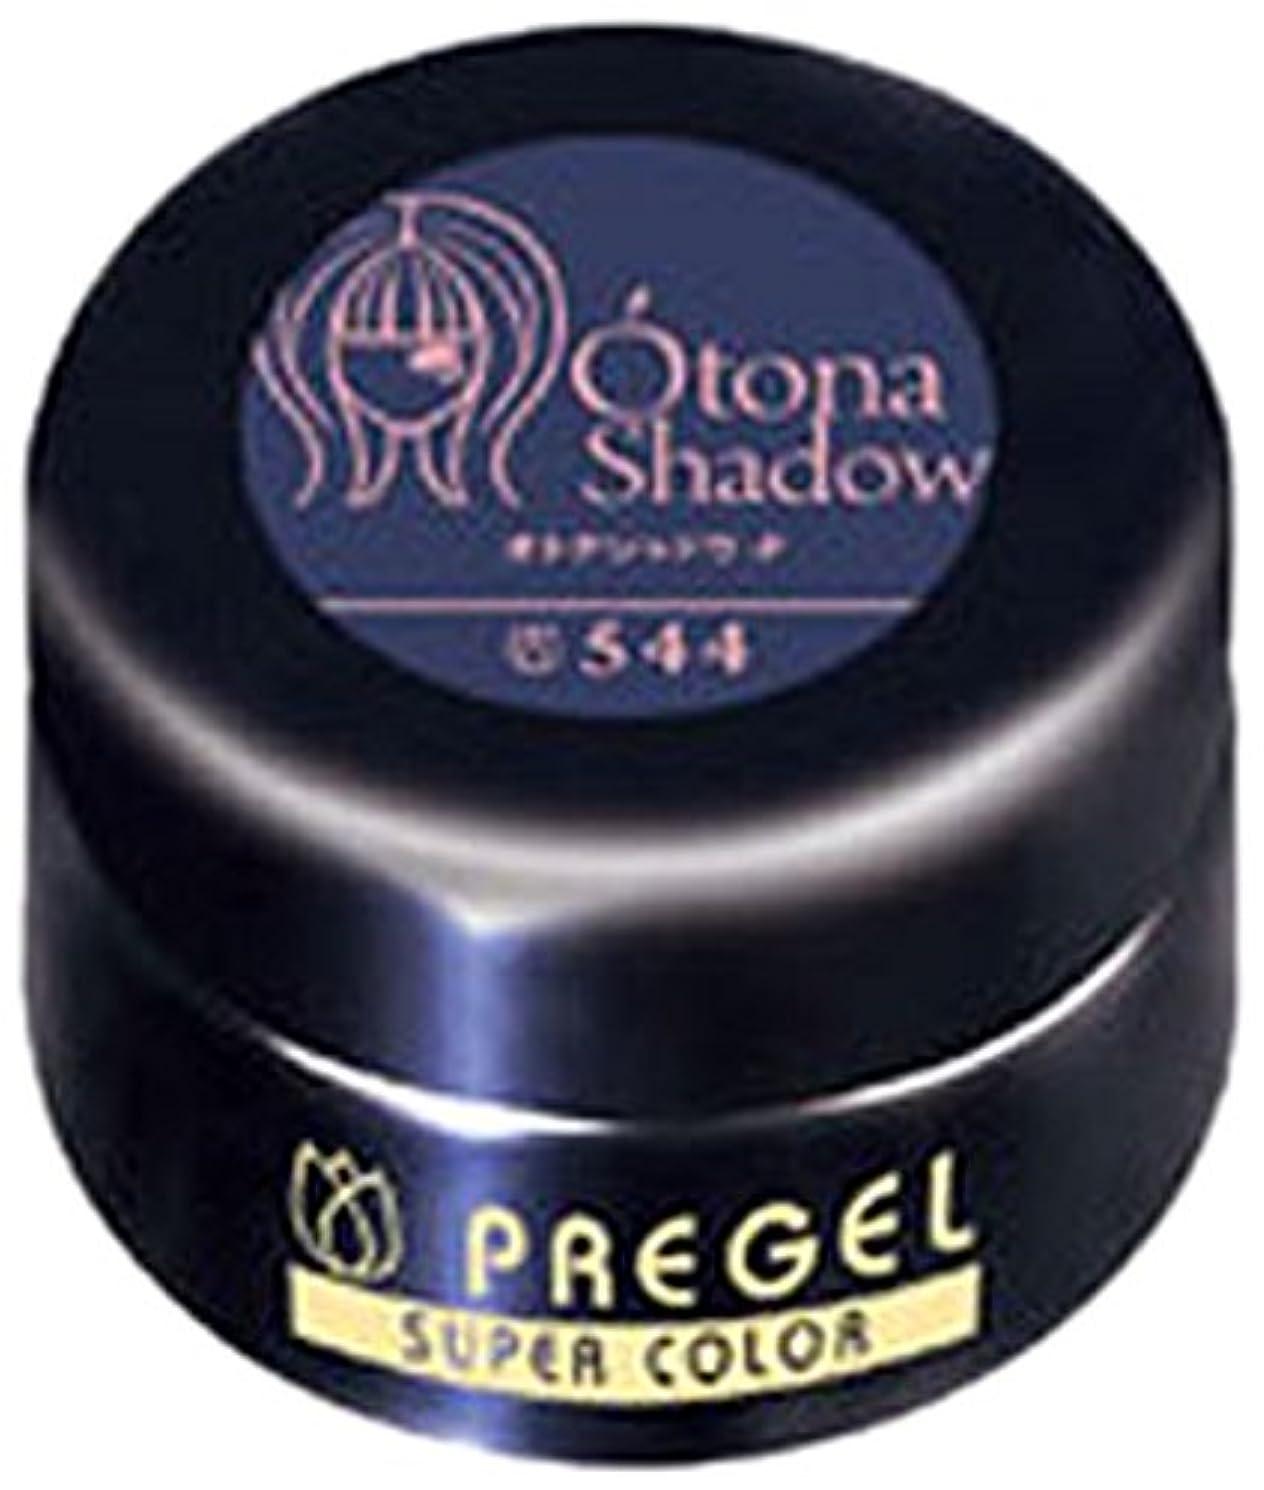 シール肌寒い確立プリジェル ジェルネイル スーパーカラーEX オトナシャドウ-P 4g PG-SE544 カラージェル UV/LED対応